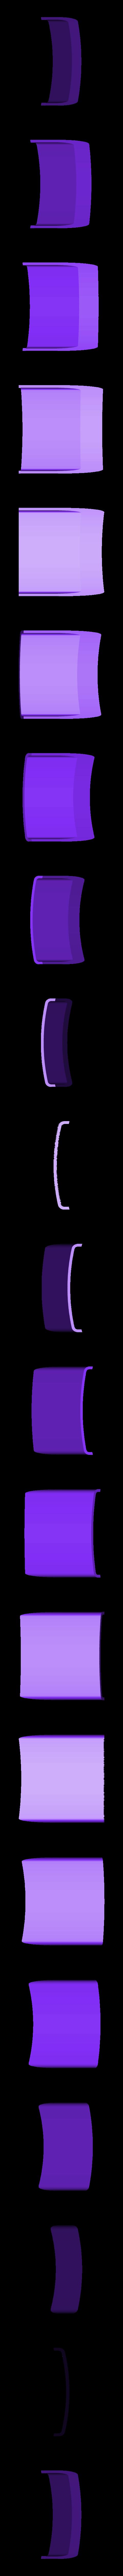 Intake01.STL Télécharger fichier STL gratuit Accessoires pour le Hobbyking (Piccole Ali) Macchi C.205 Veltro ARF • Modèle pour impression 3D, tahustvedt